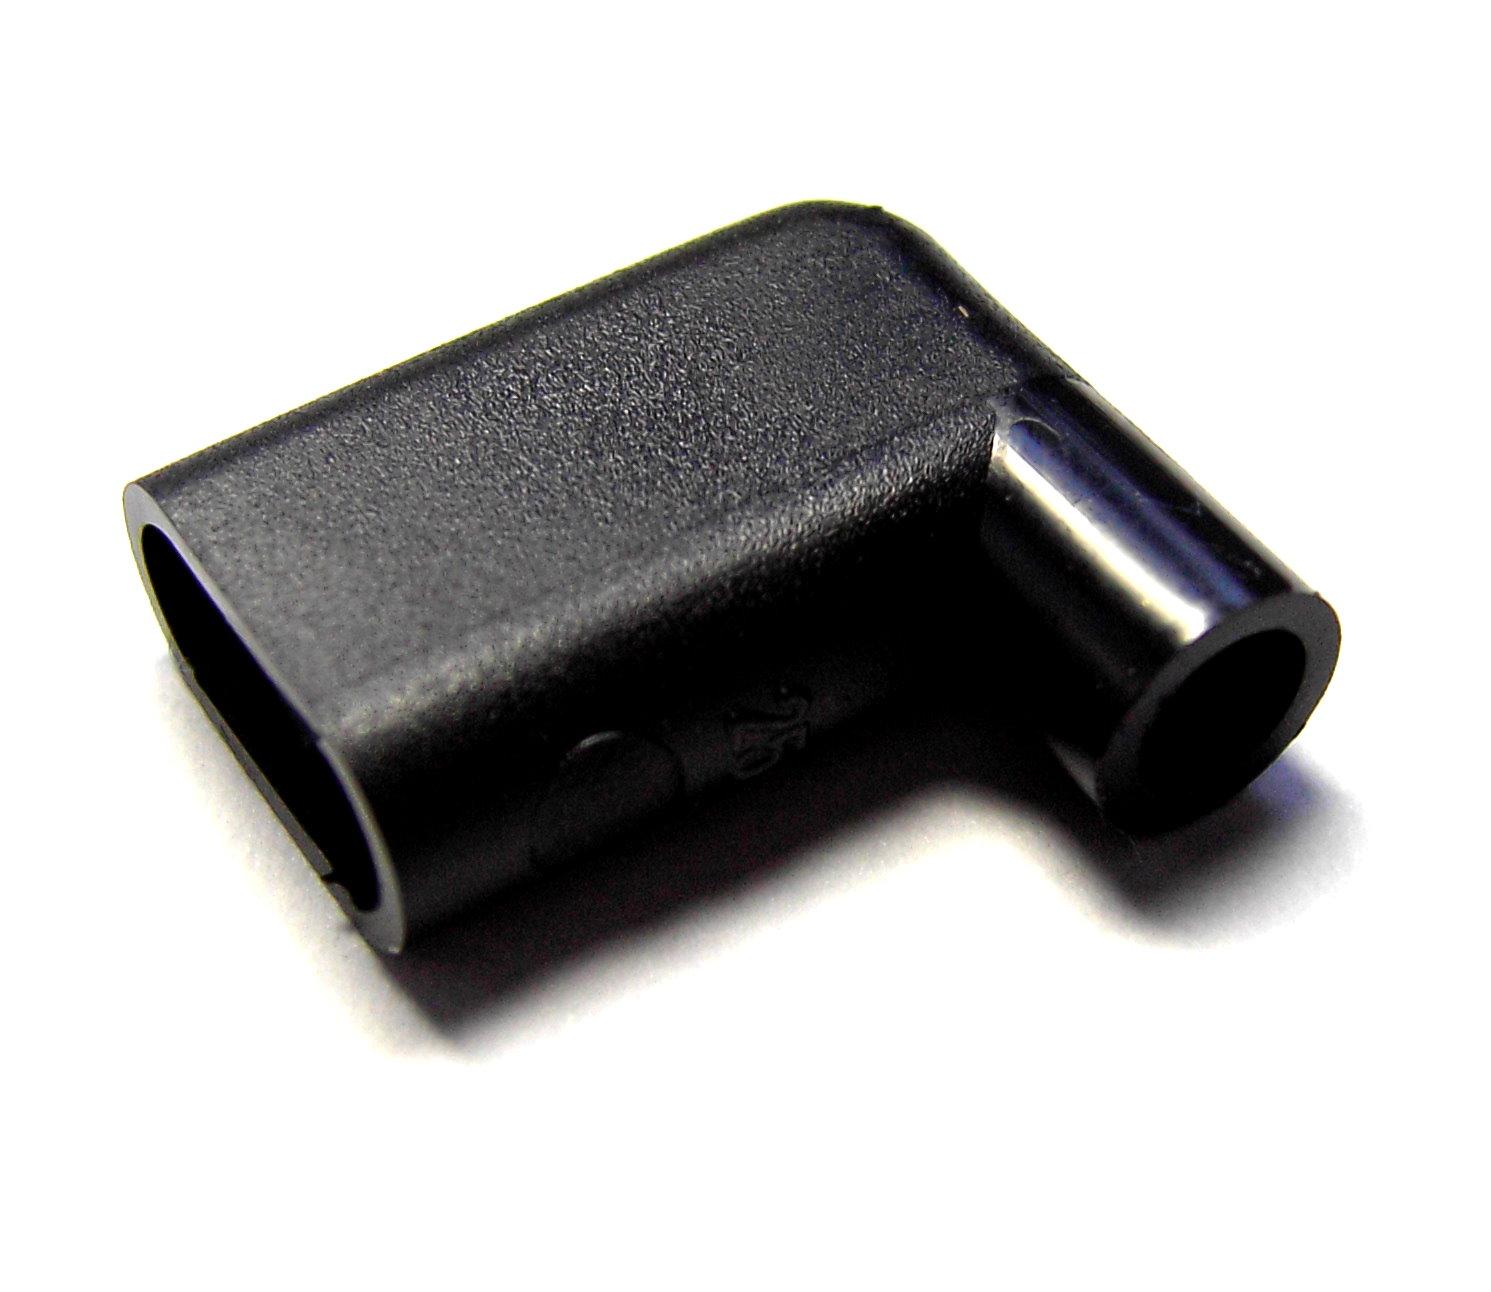 Schutztüllen für Winkel-Flachsteckhülsen 6,3mm Weich-PVC schwarz